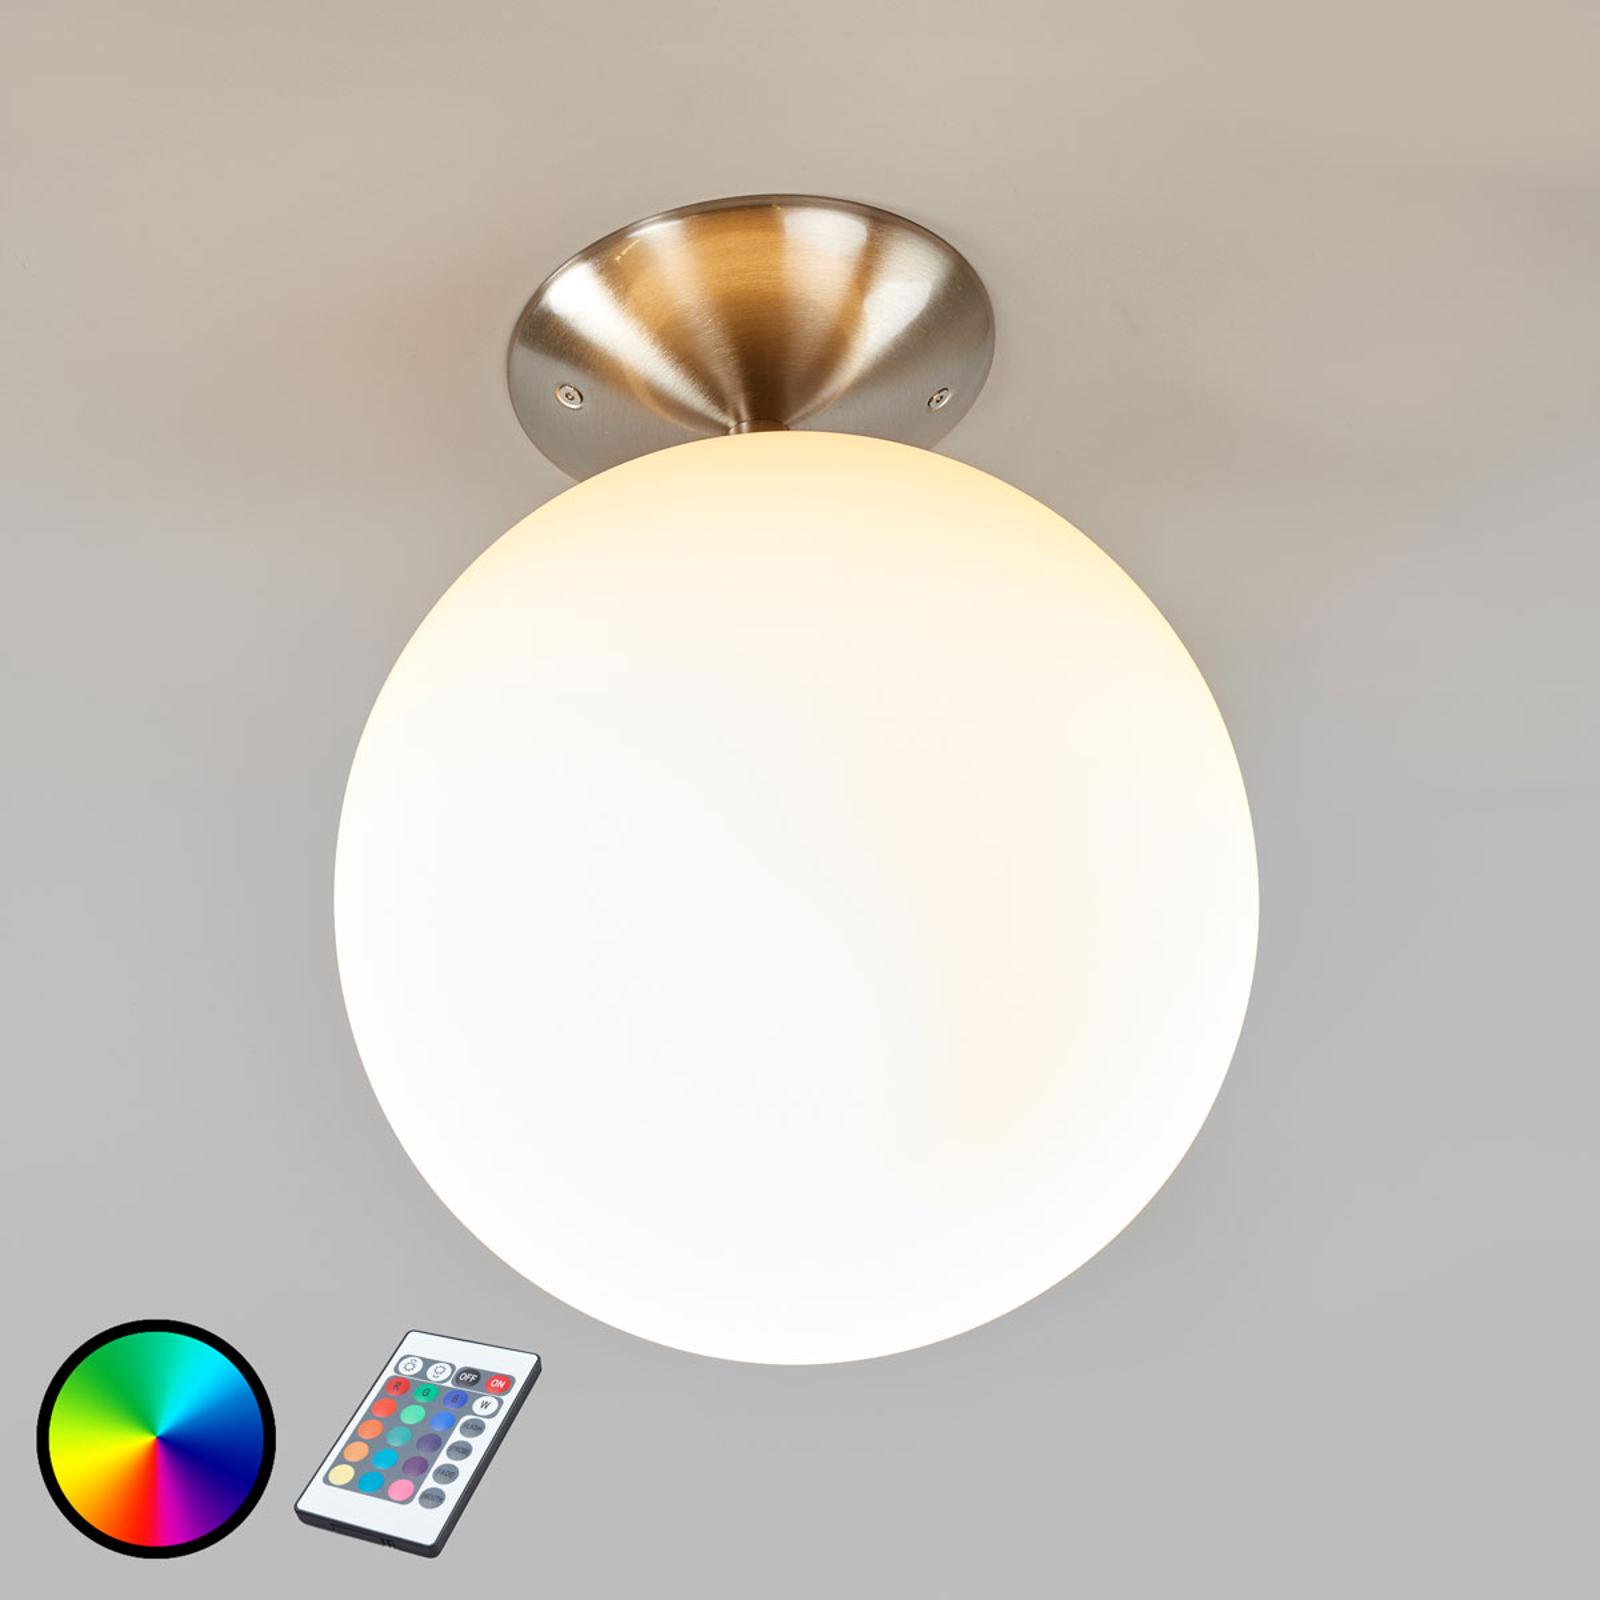 Abstands-Deckenlampe Rondo-C LED RGBW kaufen